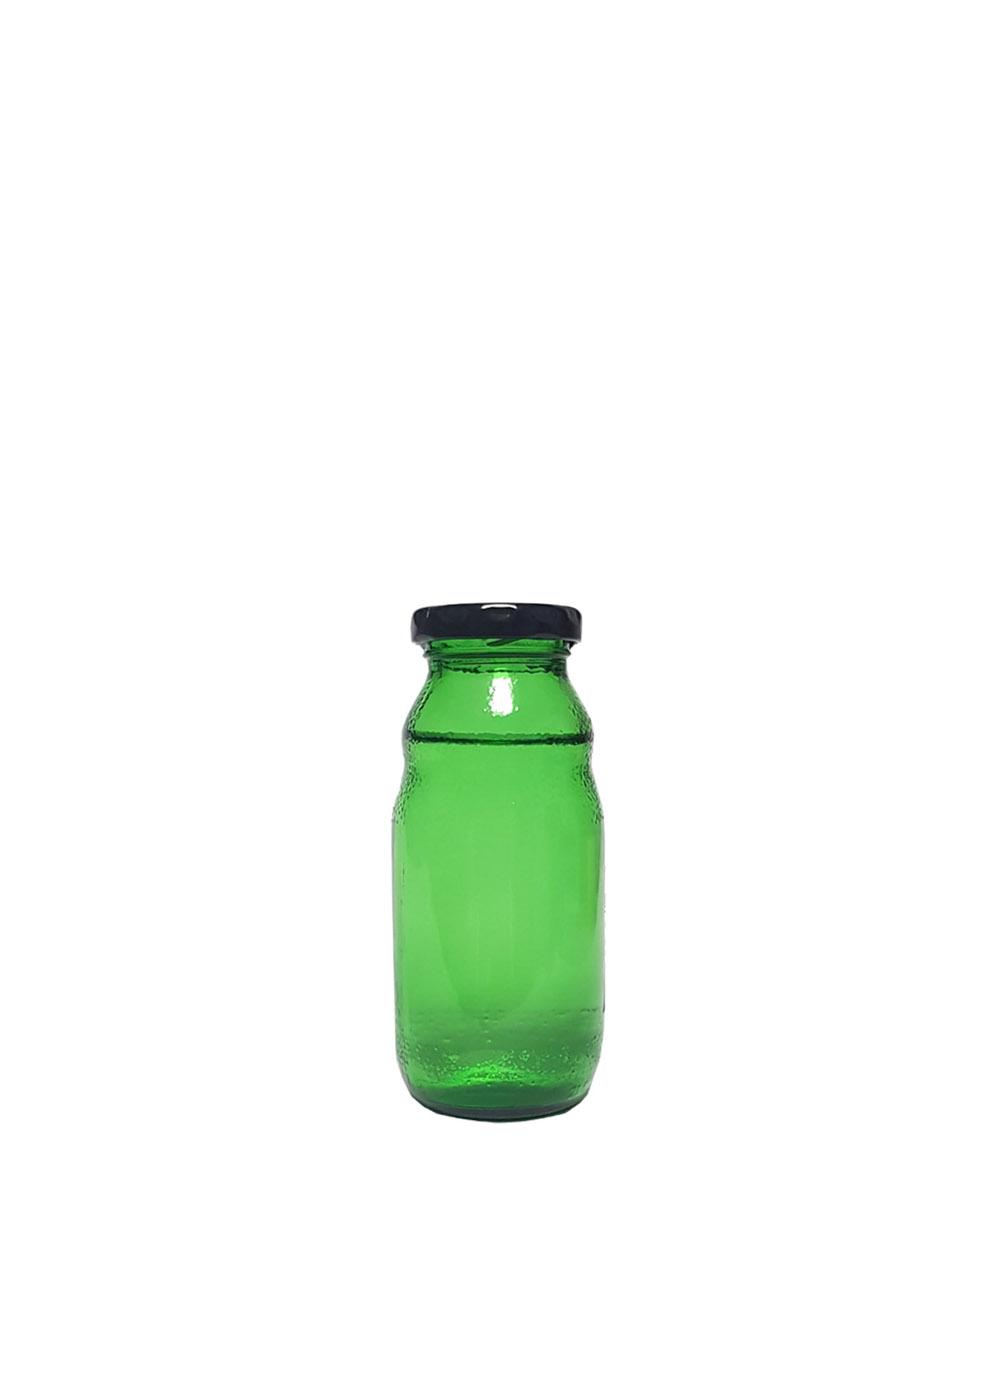 Promo voda / 0,20 L Steklo SOK